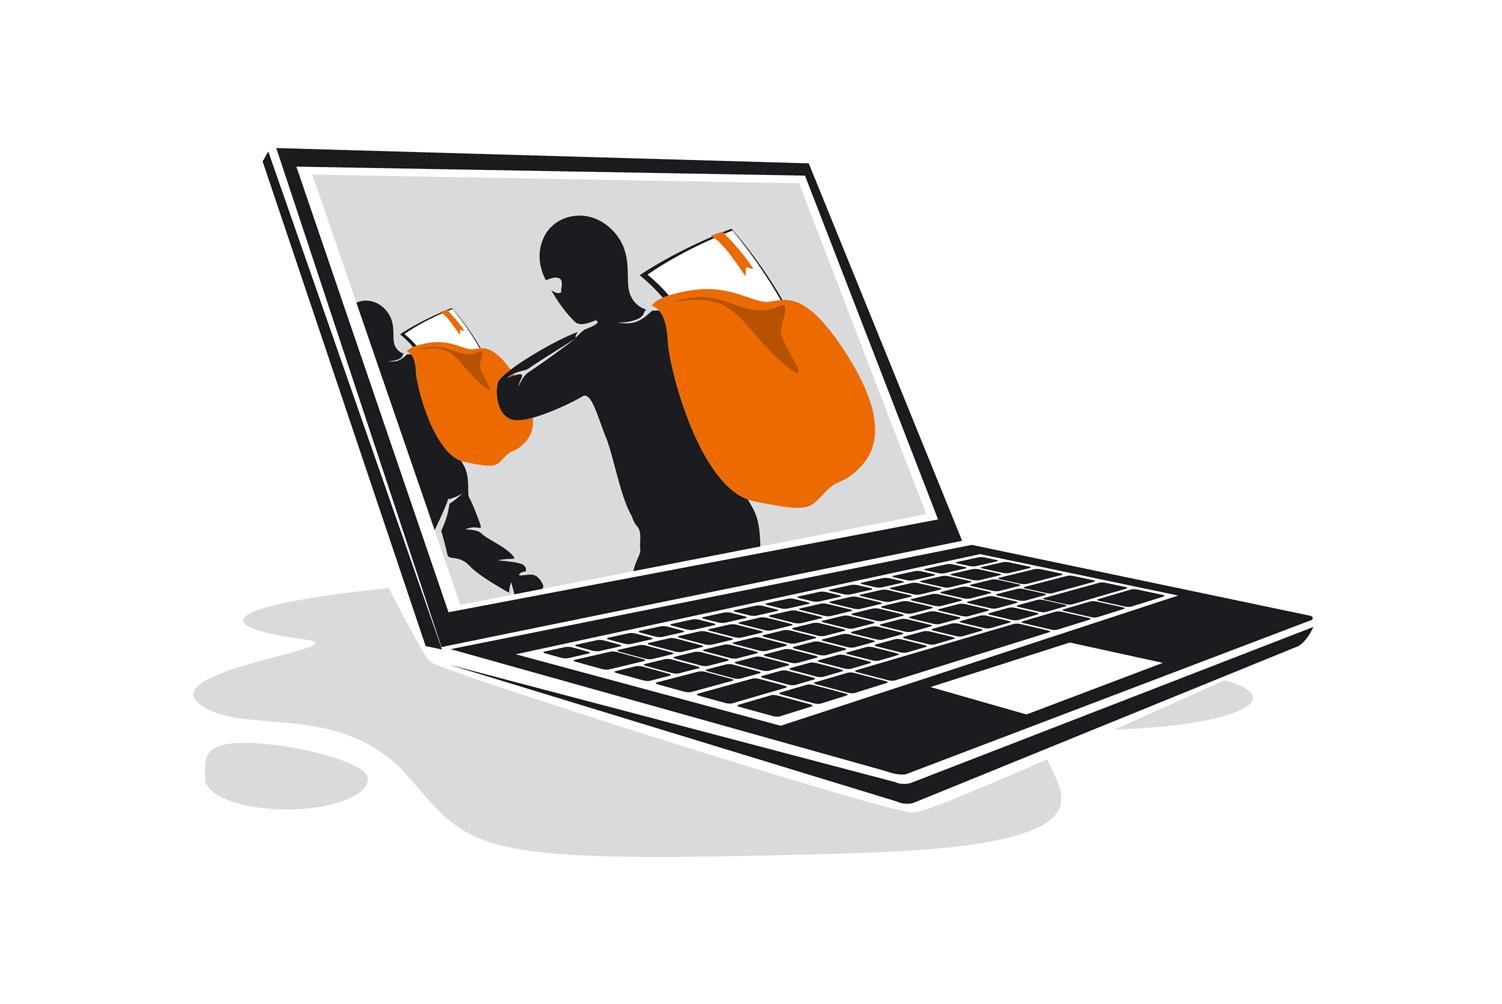 Andmete varastamise illustratsioon